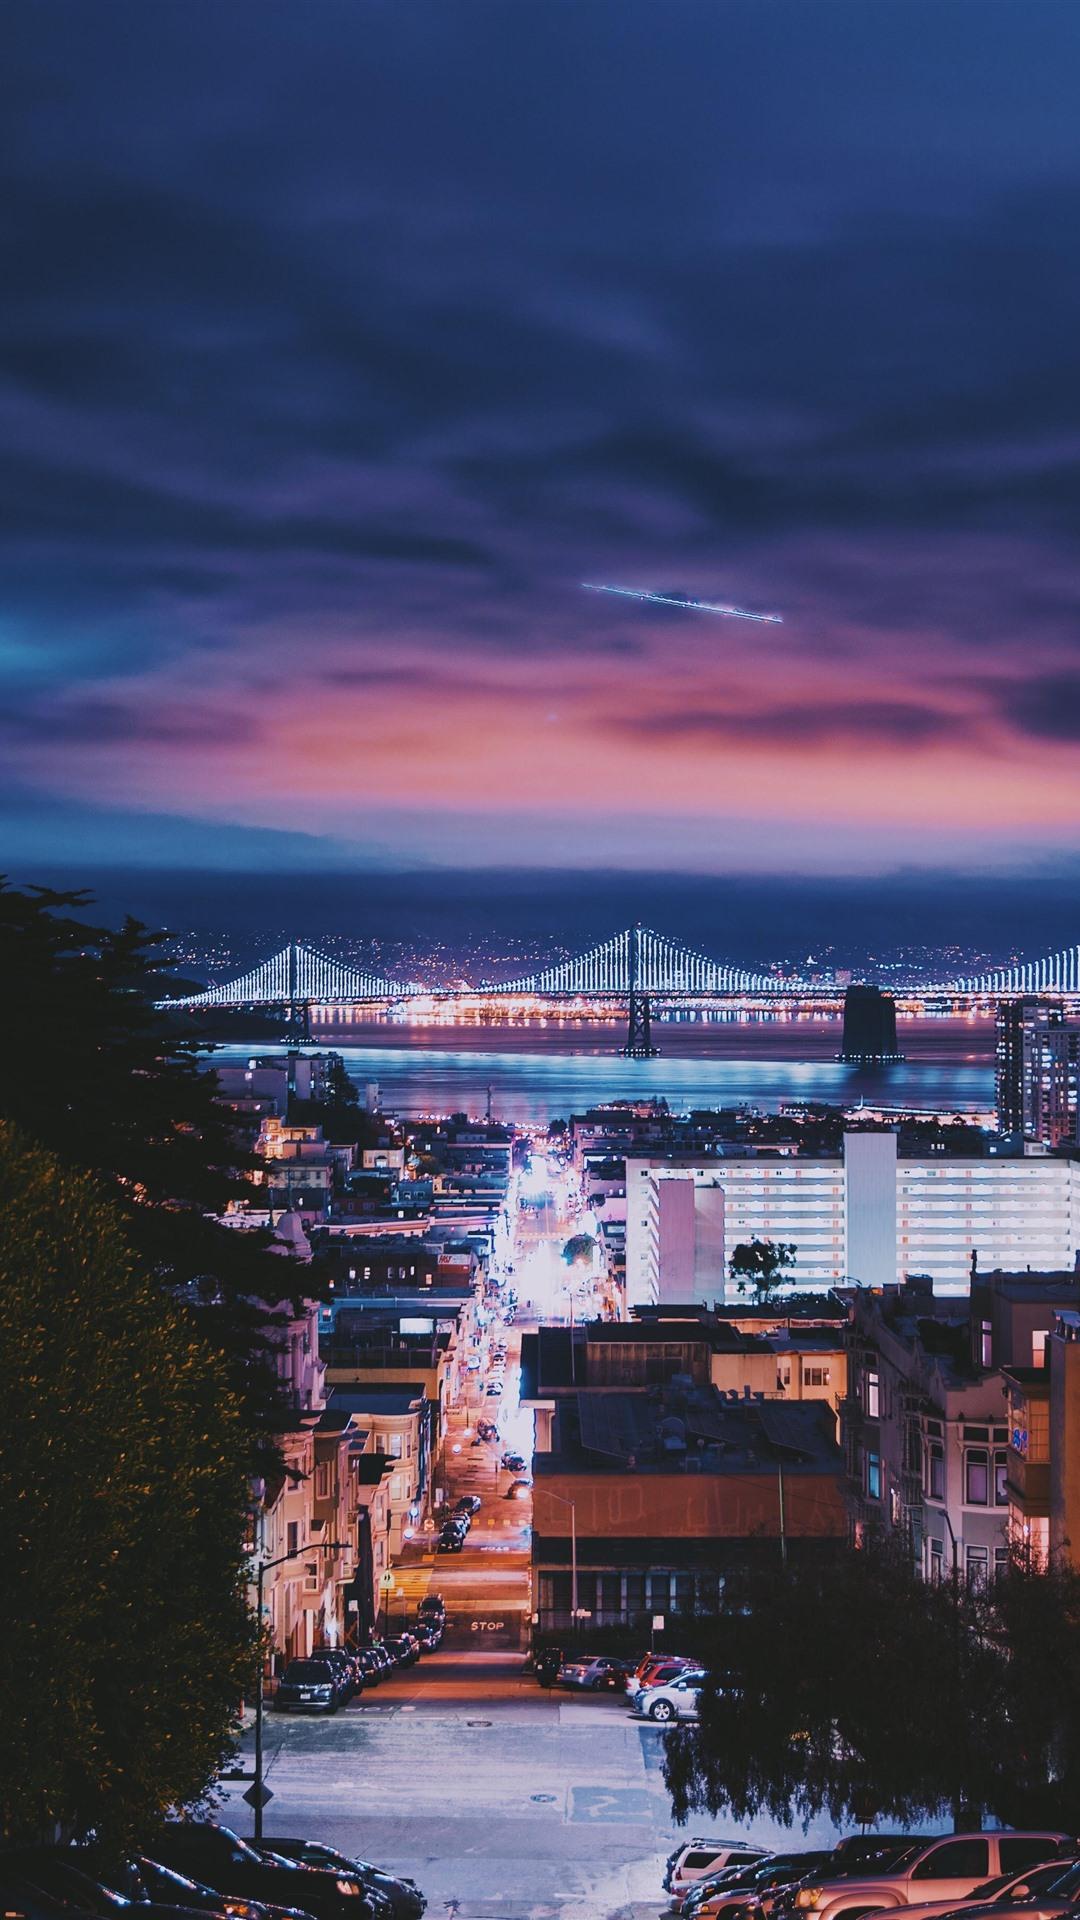 サンフランシスコ 都市 夜 橋 建物 車 イルミネーション